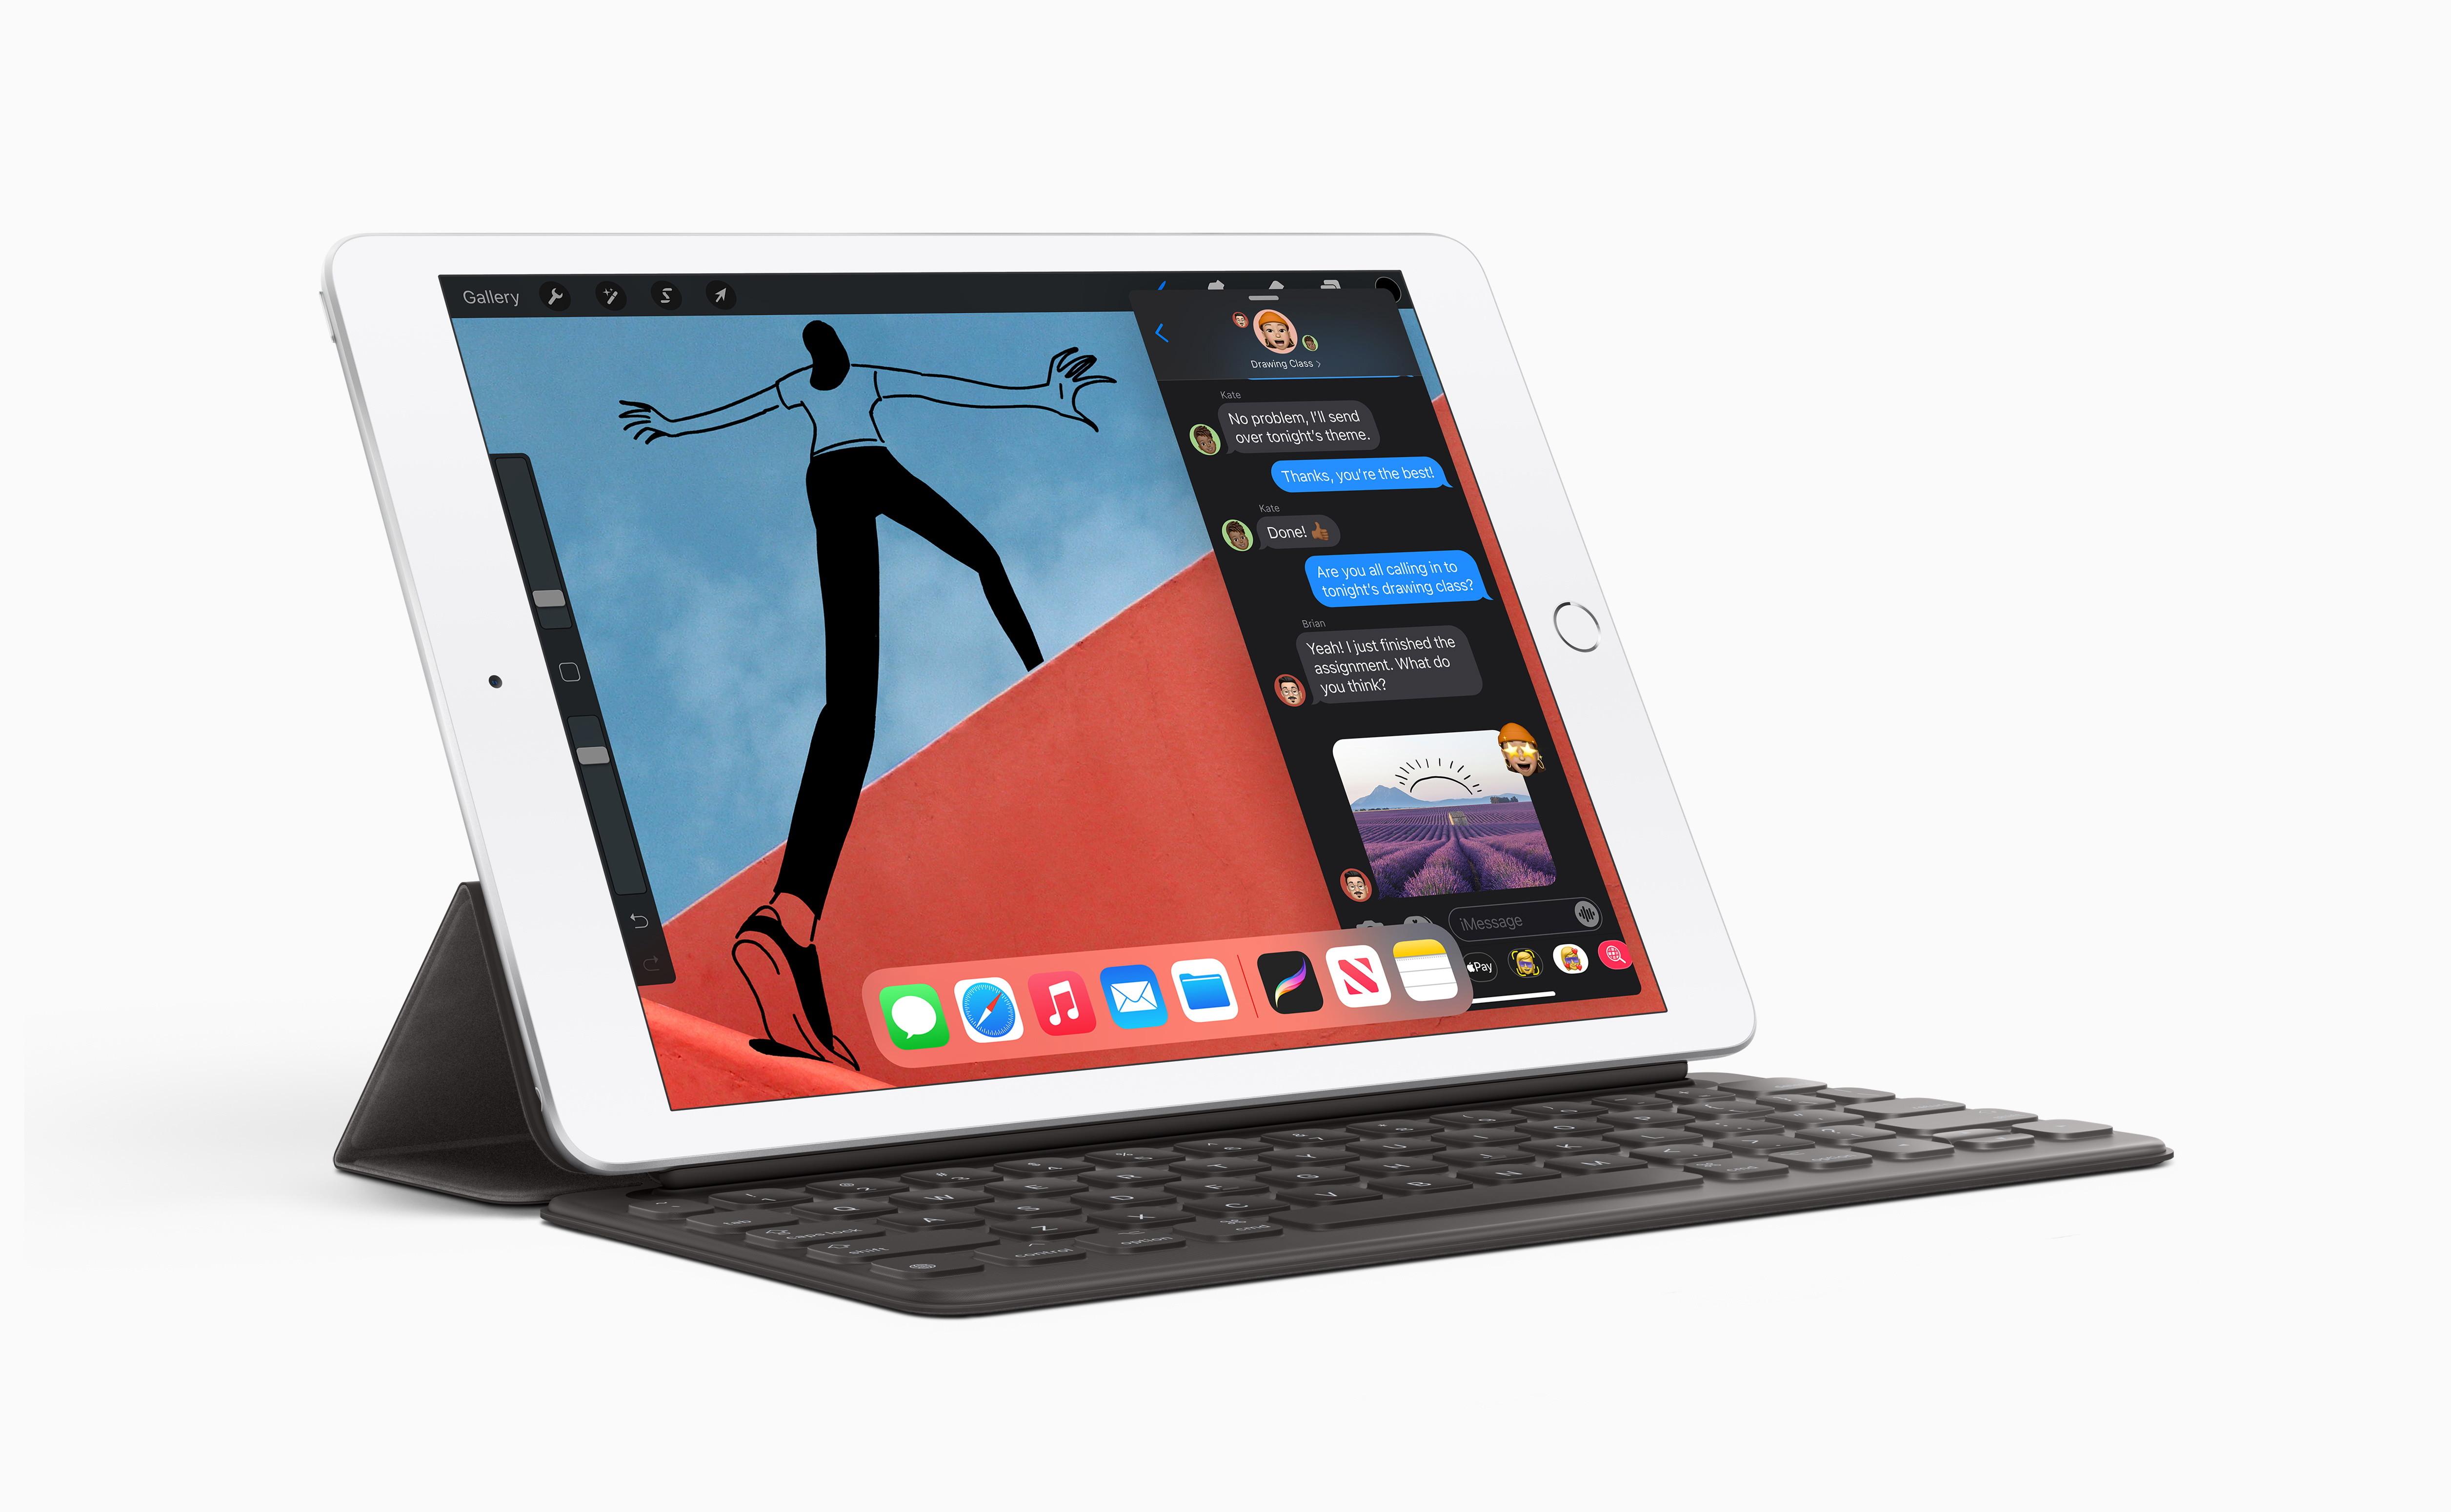 Compania Apple nu a lansat încă iPhone 12, dar a prezentat două noi iPad-uri